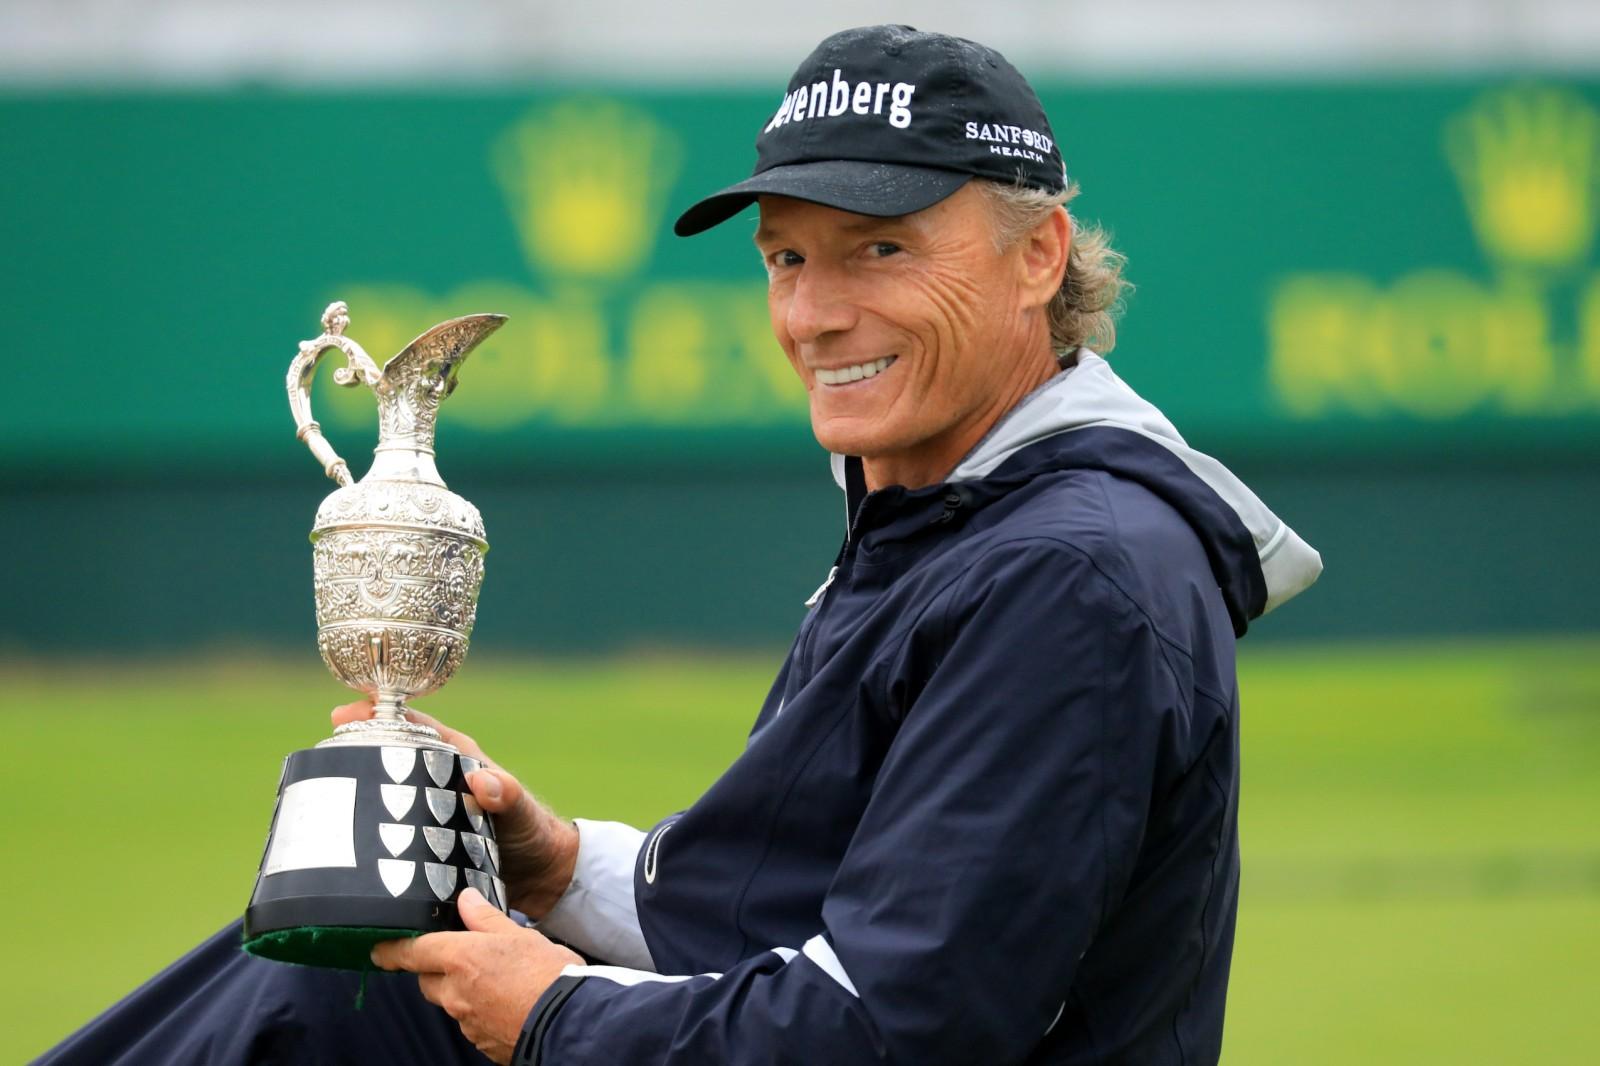 Langer se prepara para defender el título del Senior Open en Sunningdale - Golf News    Revista de golf